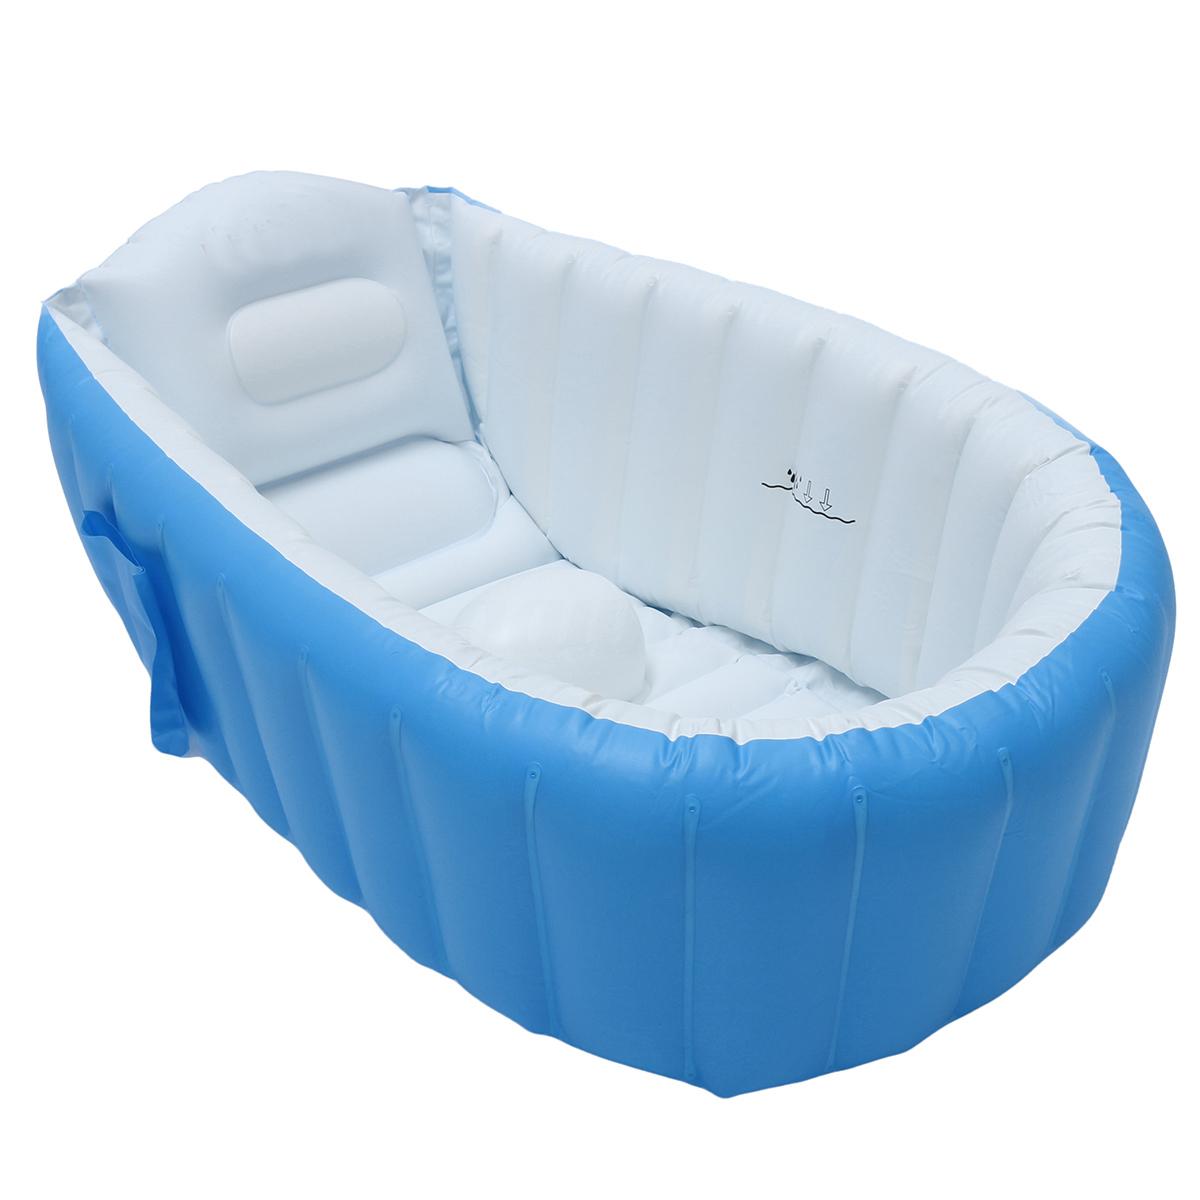 Foldable Bathtub For Adults • Bathtub Ideas